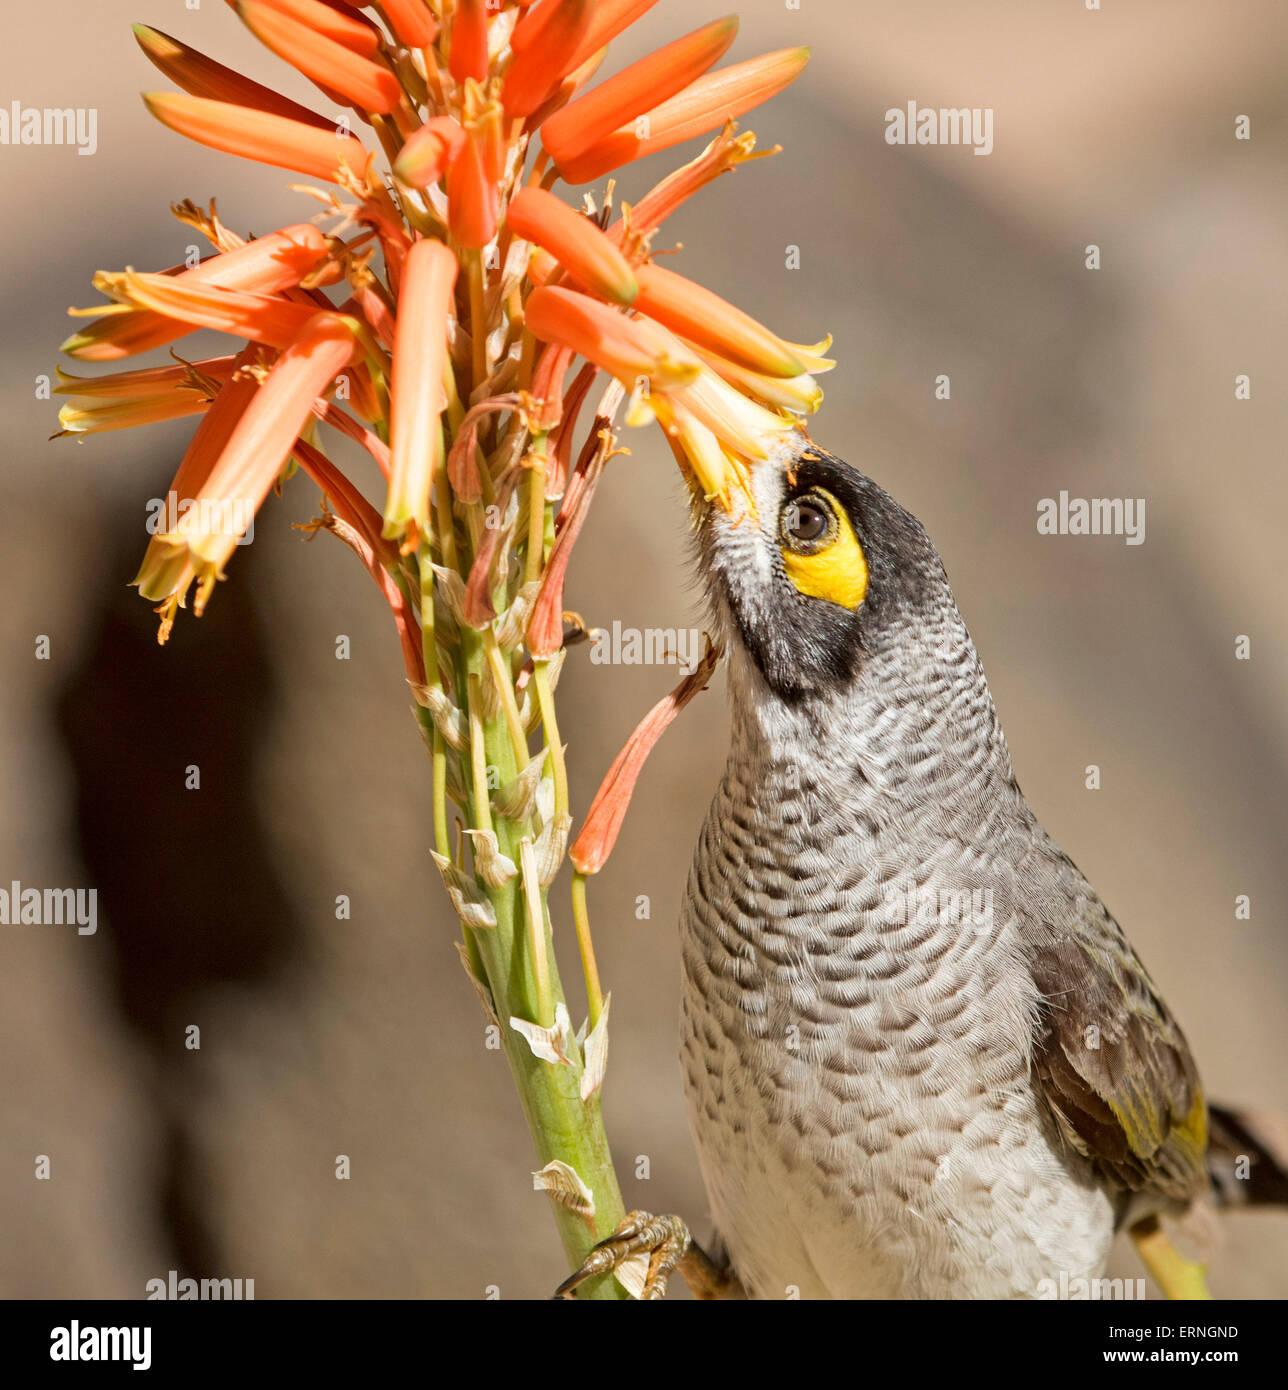 La minera ruidoso bird, Manorina melanocephala, alimentándose de flores de naranja de aloe, tolerantes a la sequía, plantas suculentas en Australian Urban Garden Foto de stock